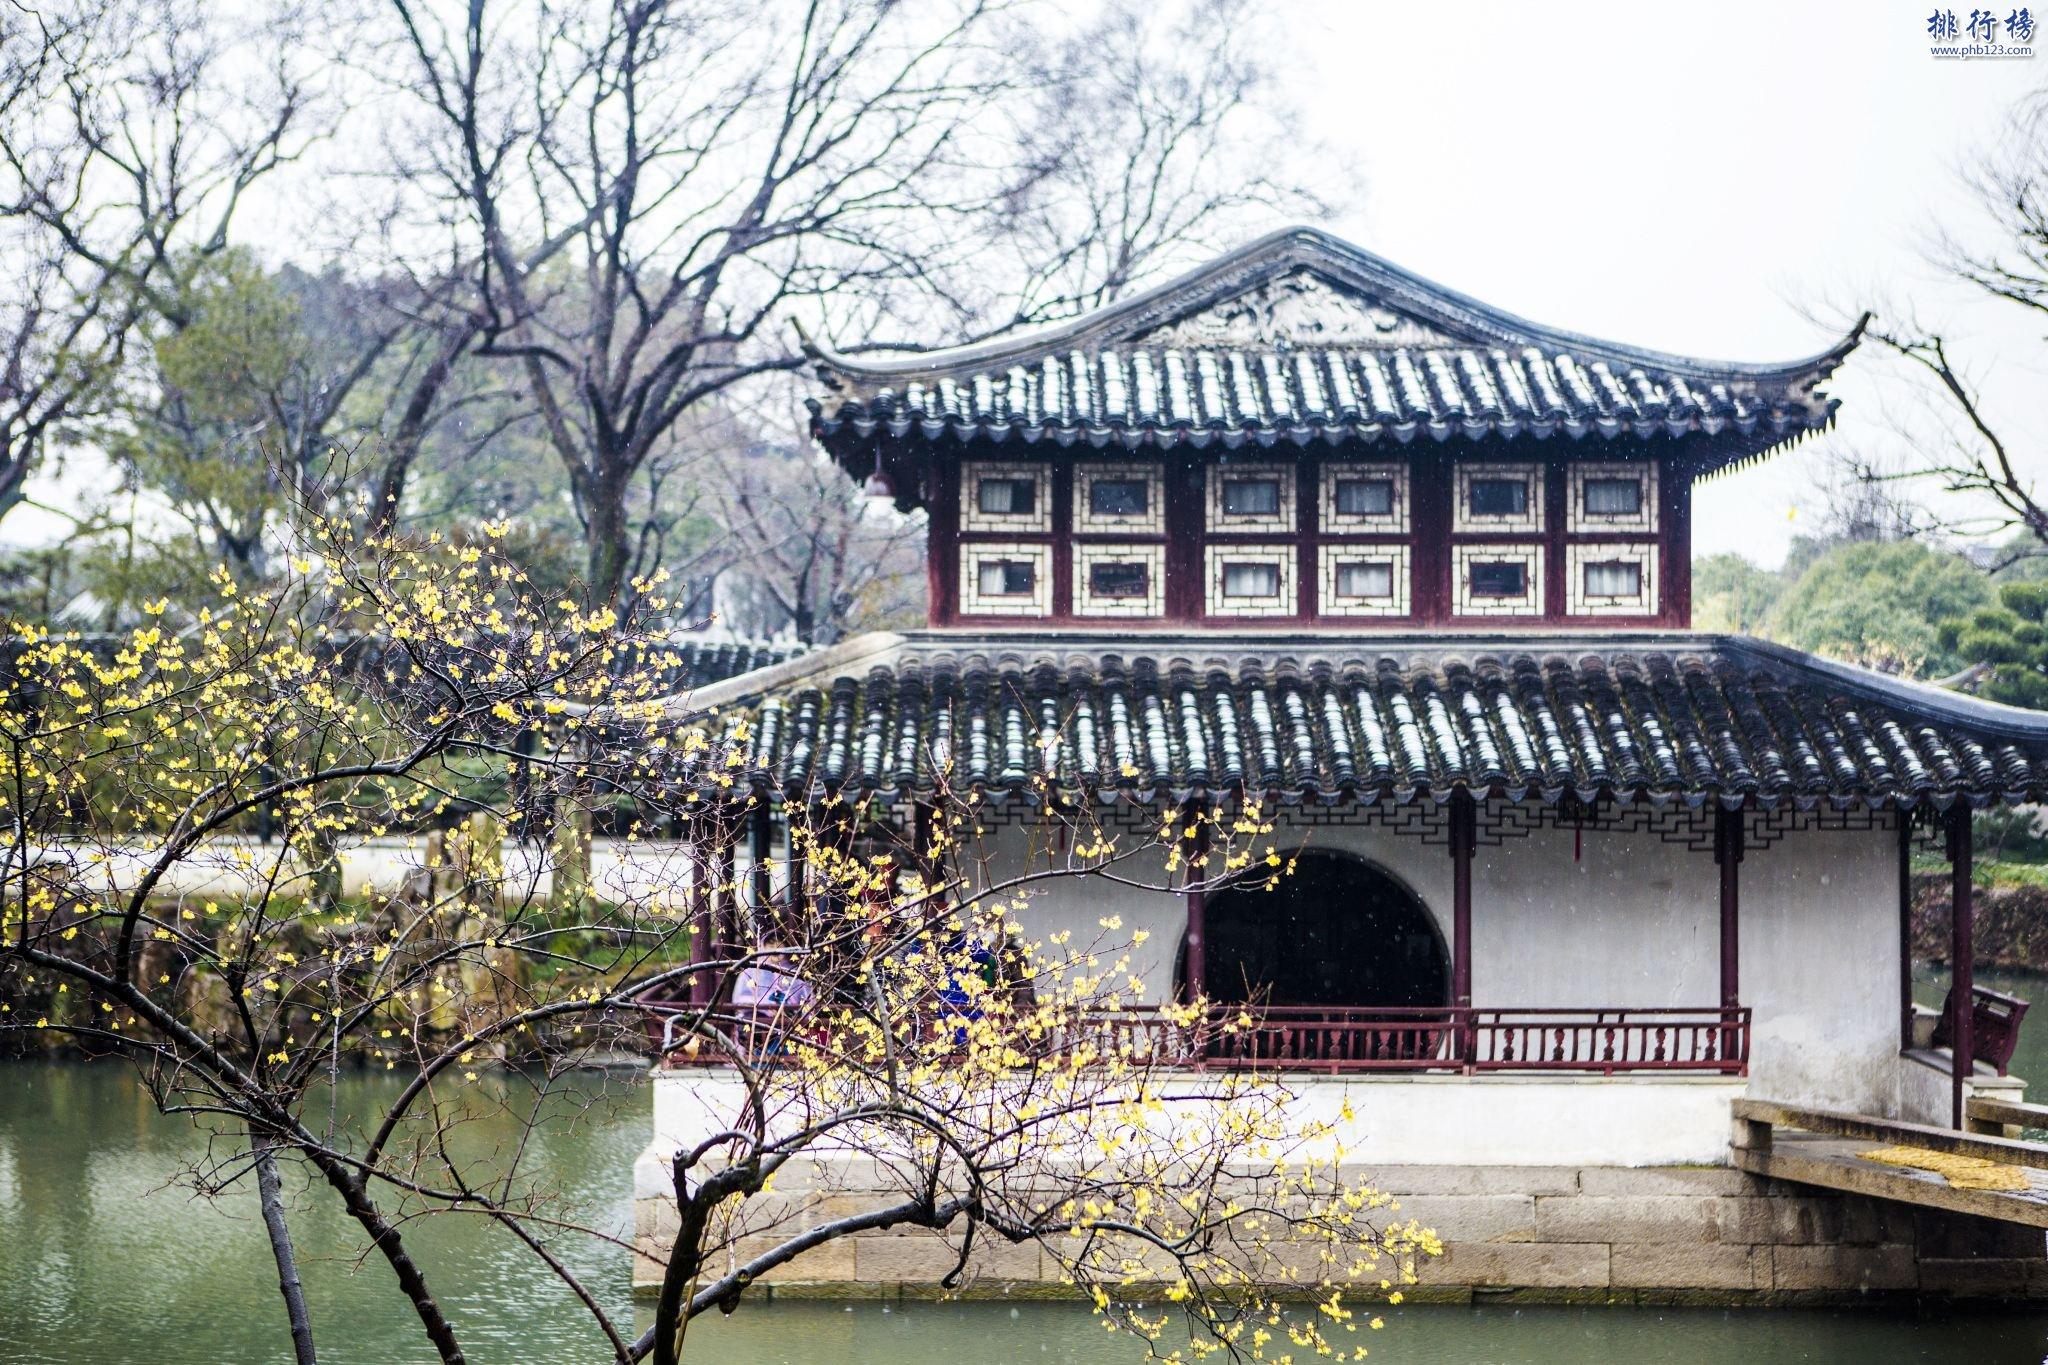 苏州好玩的地方排行榜 苏州十大旅游景点排名